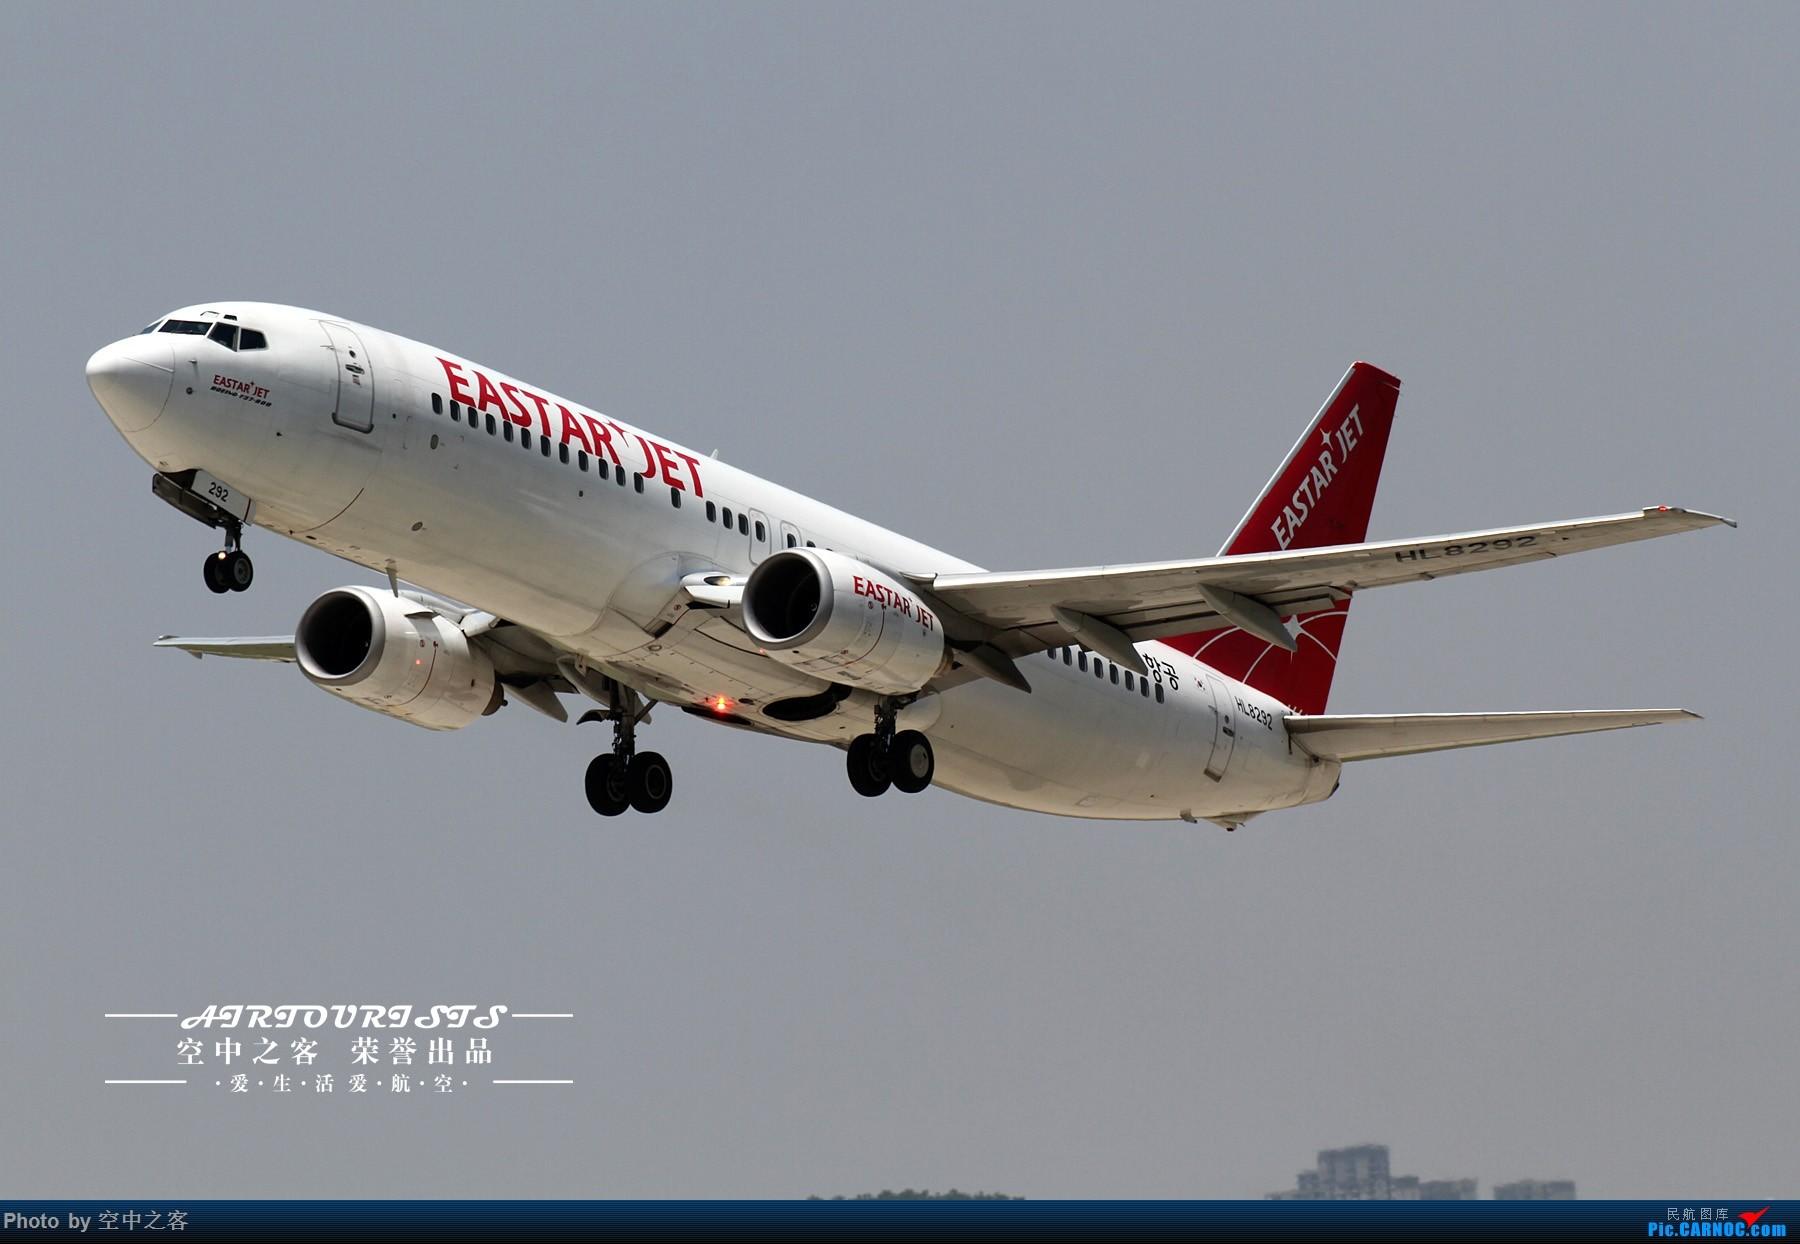 Re:[原创][合肥飞友会·霸都打机队 空中之客出品]少有的周末大晴天 来一场说走就走的拍机(1) BOEING 737-800 HL-8292 合肥新桥国际机场